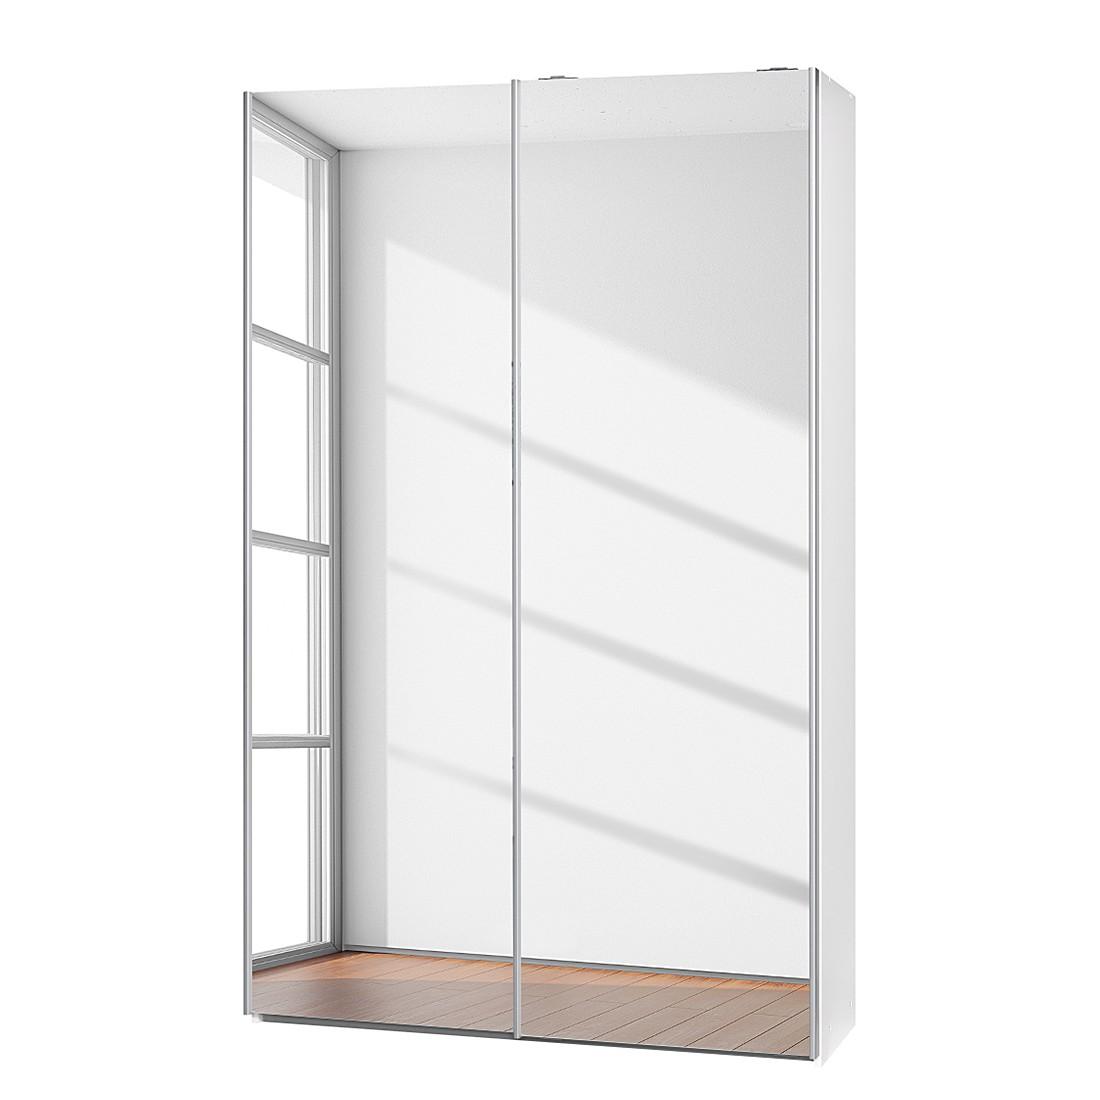 schwebet renschrank soft smart 120 cm wei wei 2 spiegelt ren cs schmal g nstig. Black Bedroom Furniture Sets. Home Design Ideas